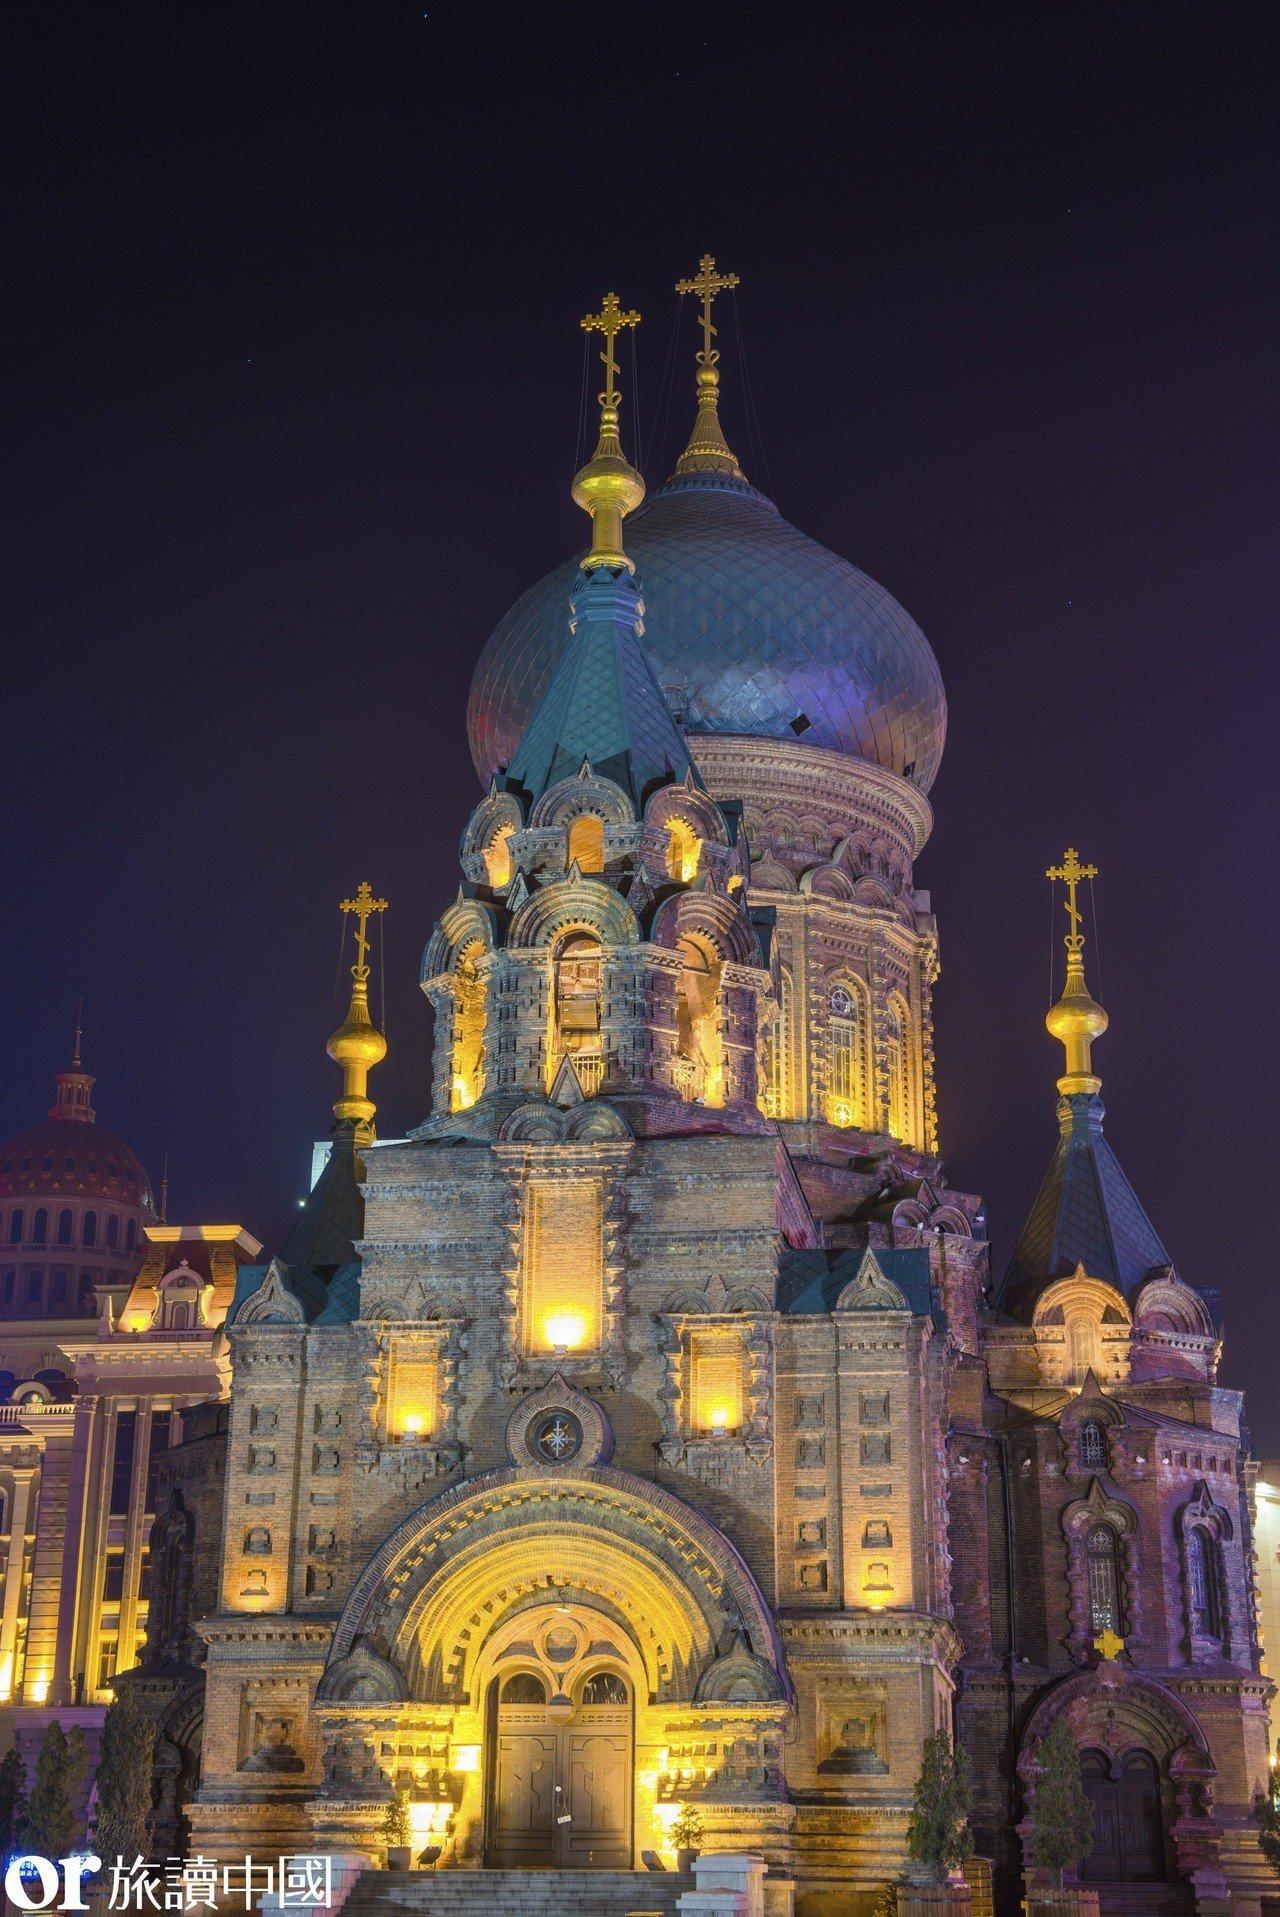 聖索菲爾大教堂 (攝影/任中豪/旅讀中國)